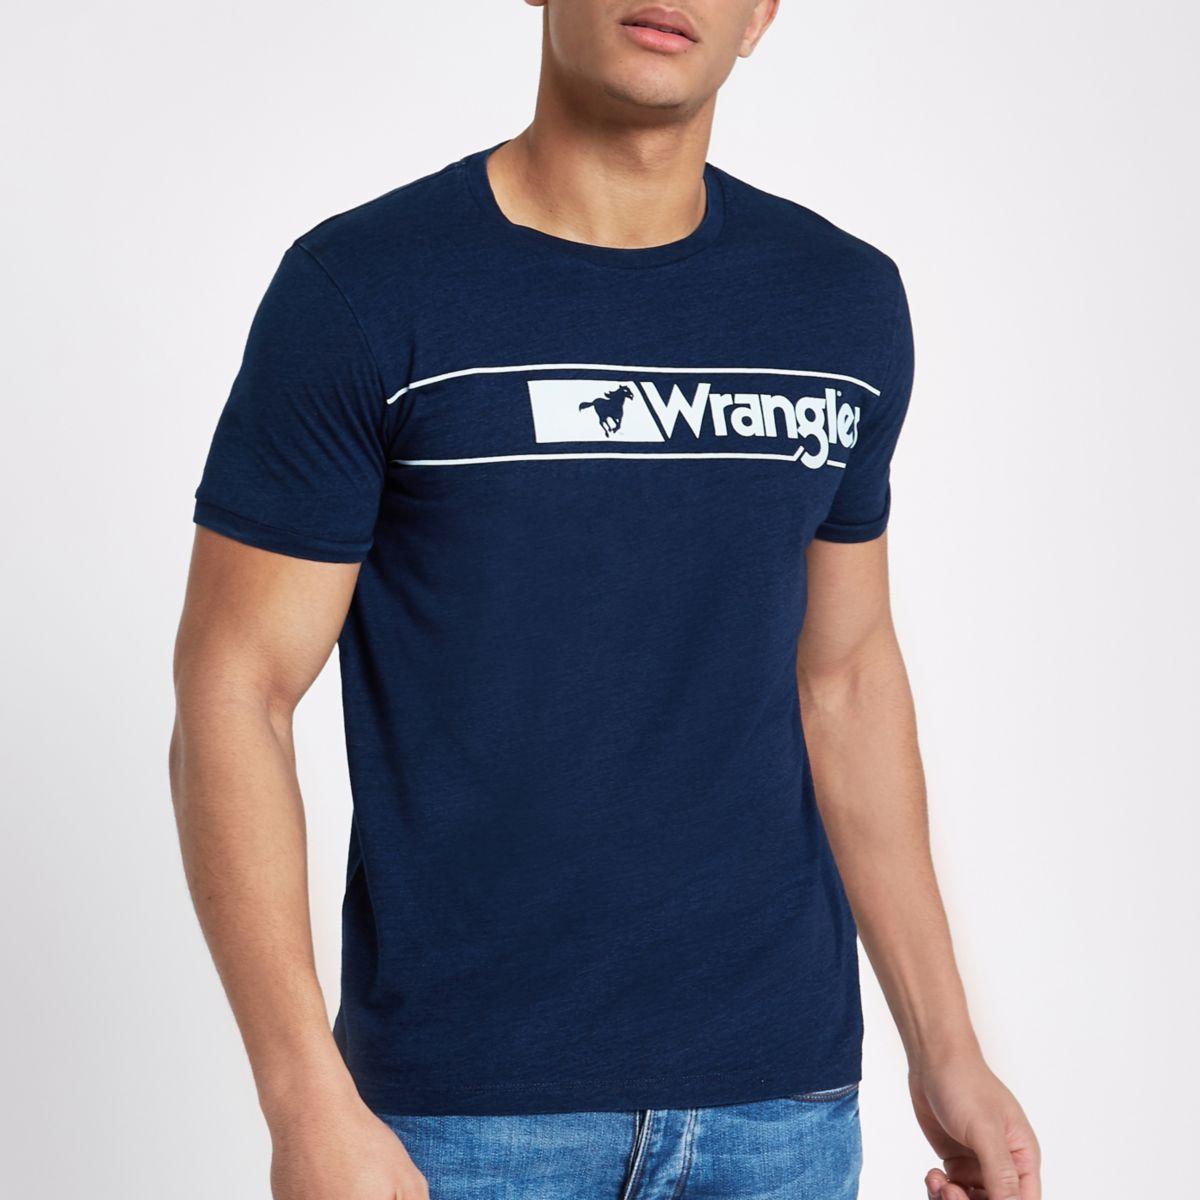 Navy Wrangler logo print T-shirt